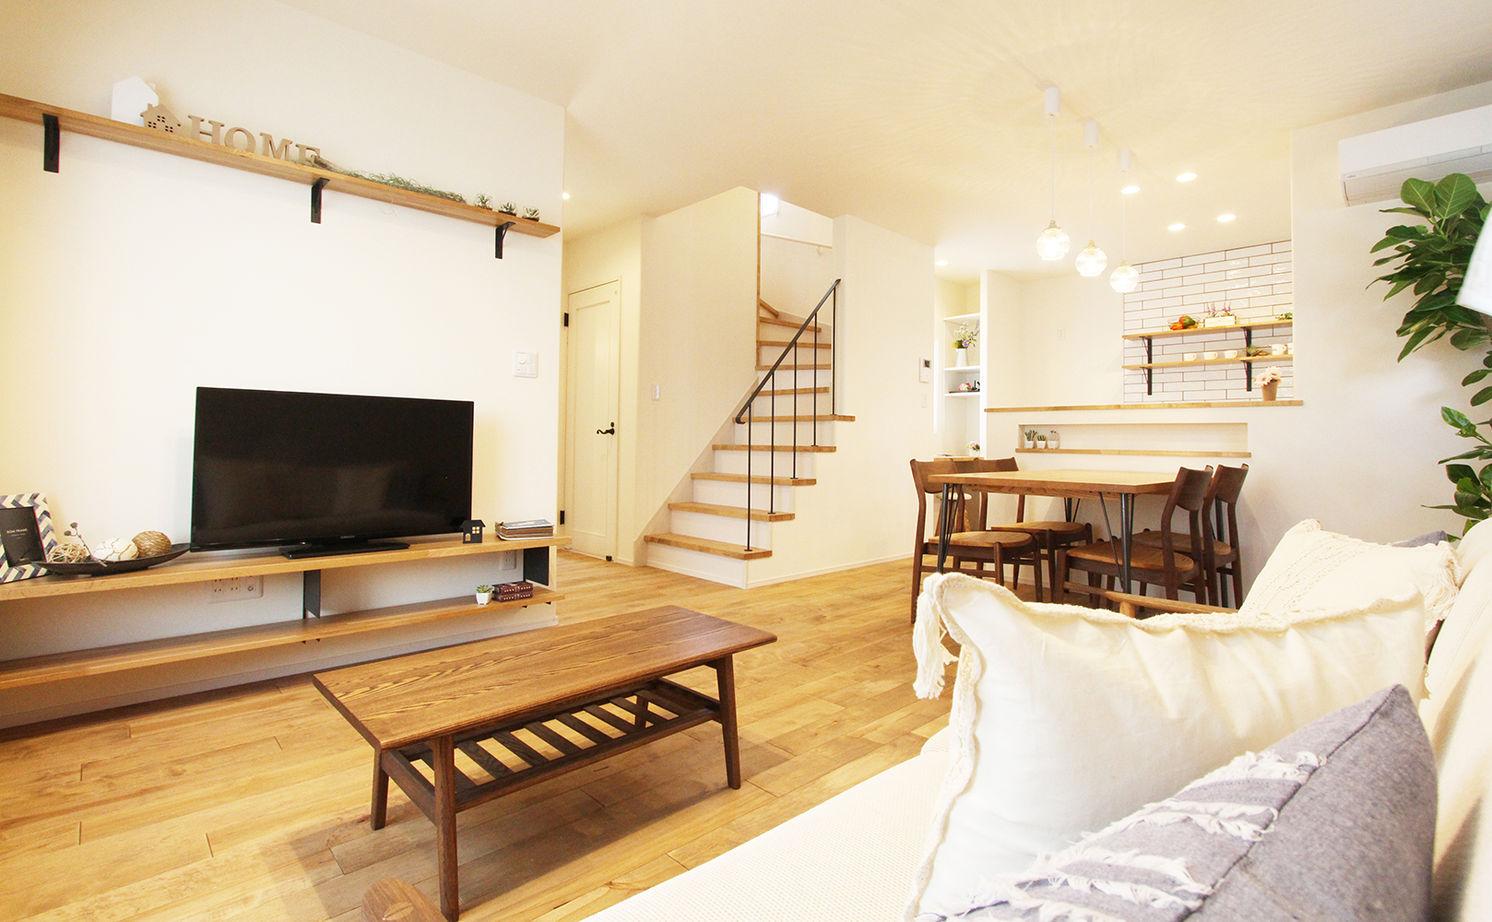 【間取図/無垢床&床暖房/家カフェ風/ヌック】30坪台のコンパクトな家でのびのびと豊かに暮らす画像1